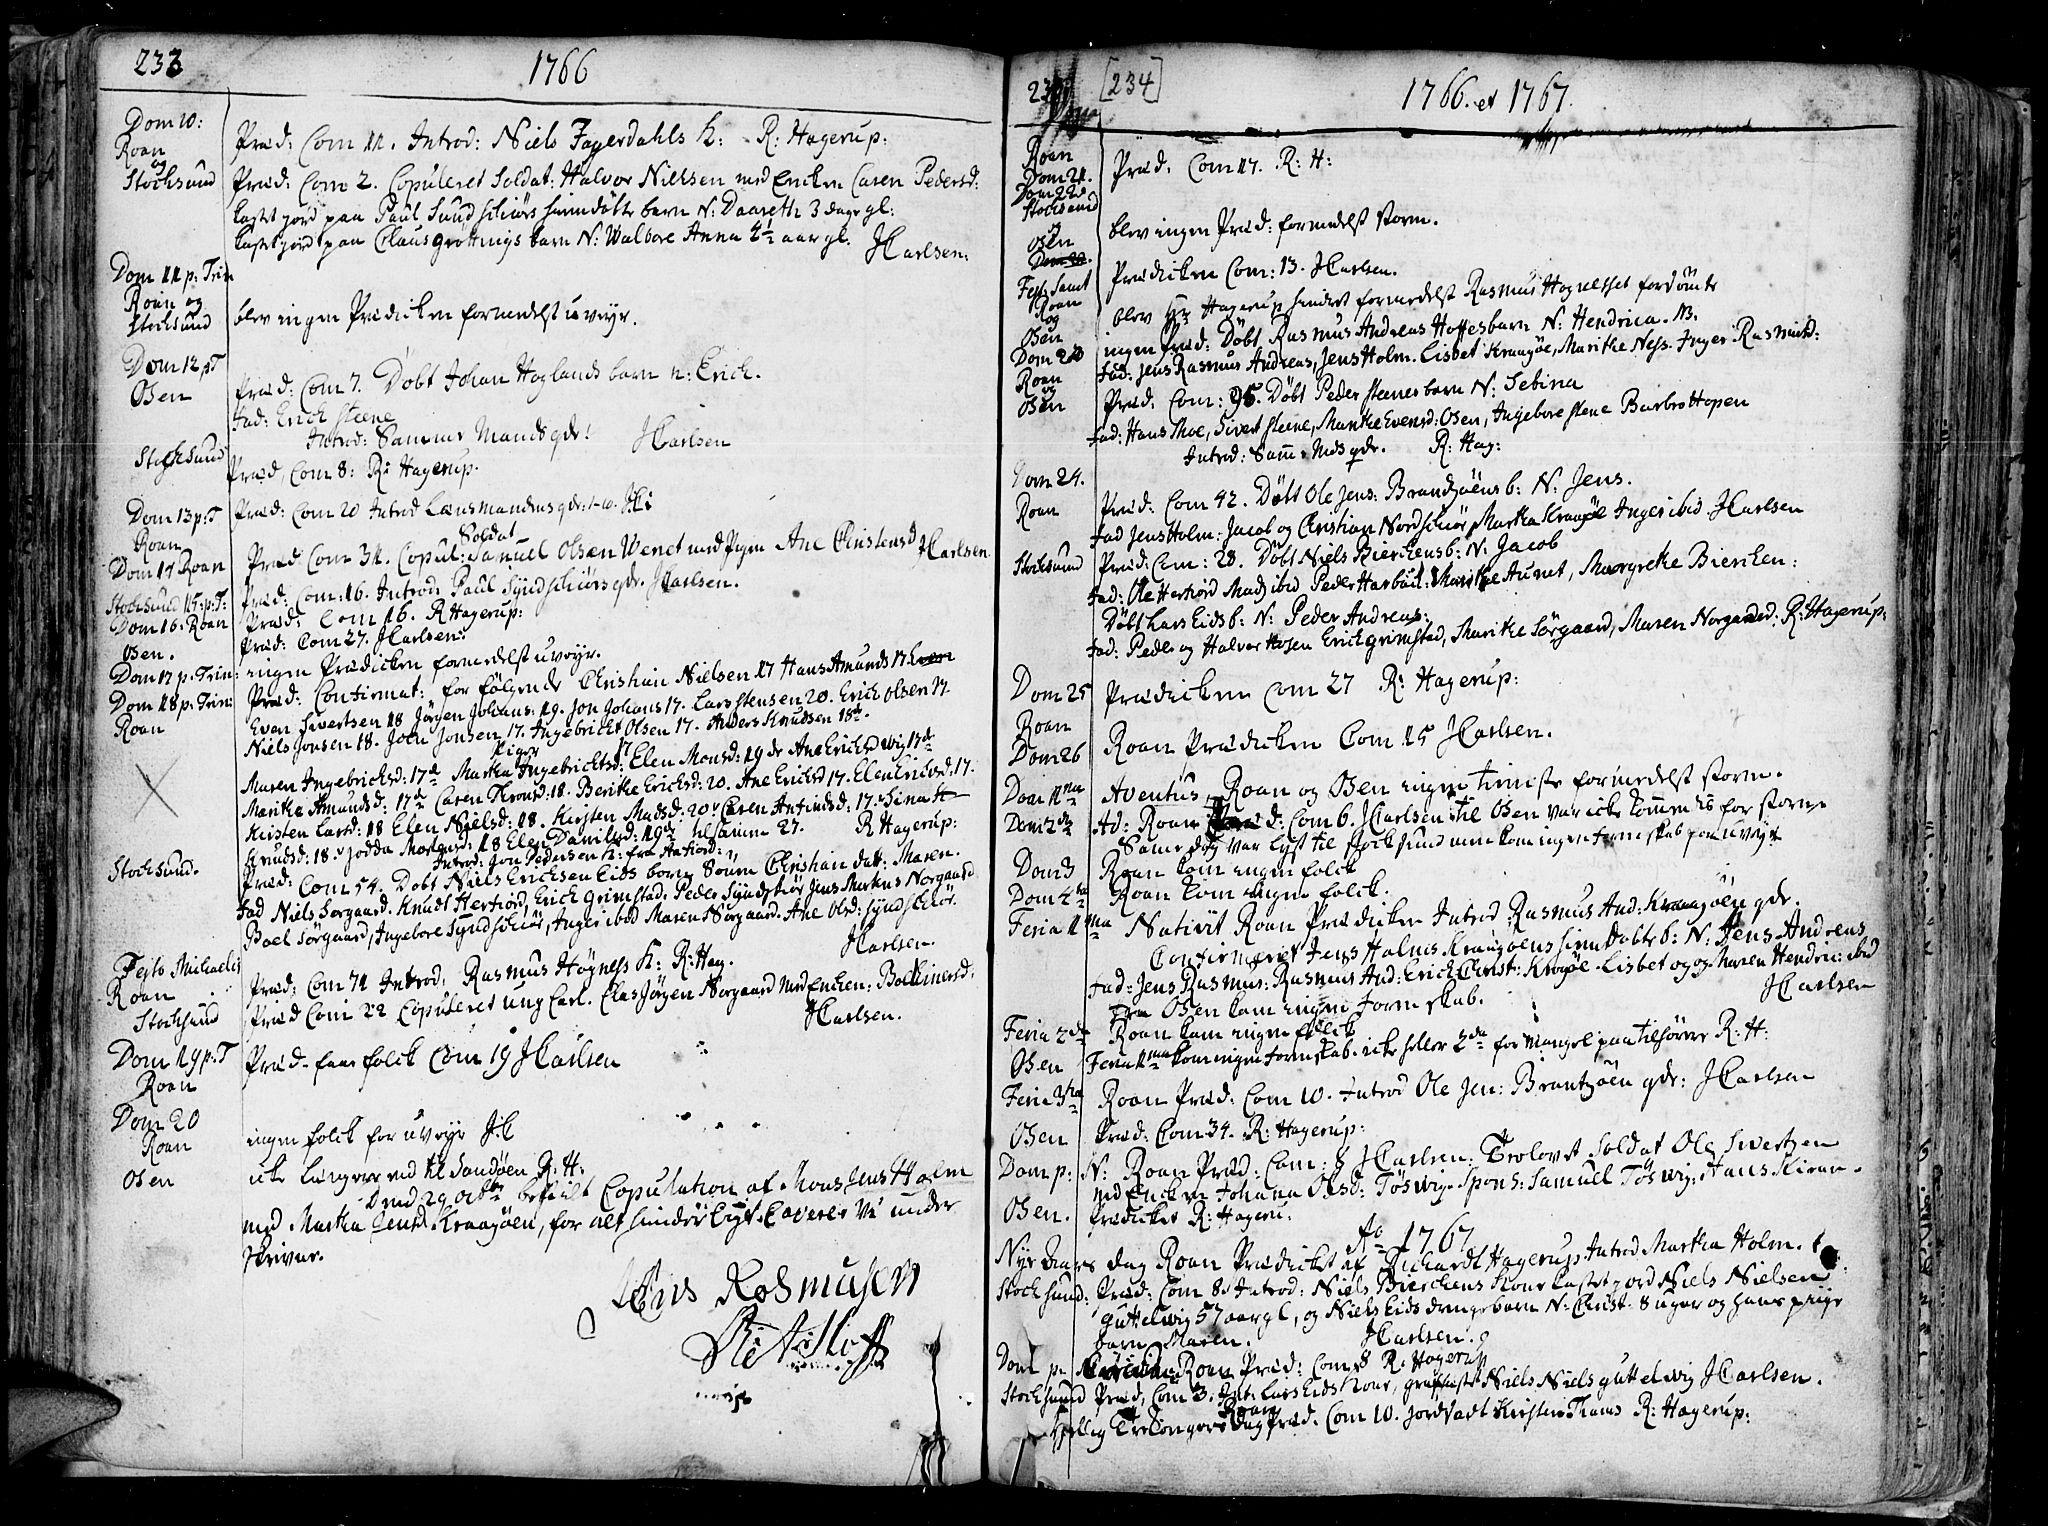 SAT, Ministerialprotokoller, klokkerbøker og fødselsregistre - Sør-Trøndelag, 657/L0700: Ministerialbok nr. 657A01, 1732-1801, s. 233-234